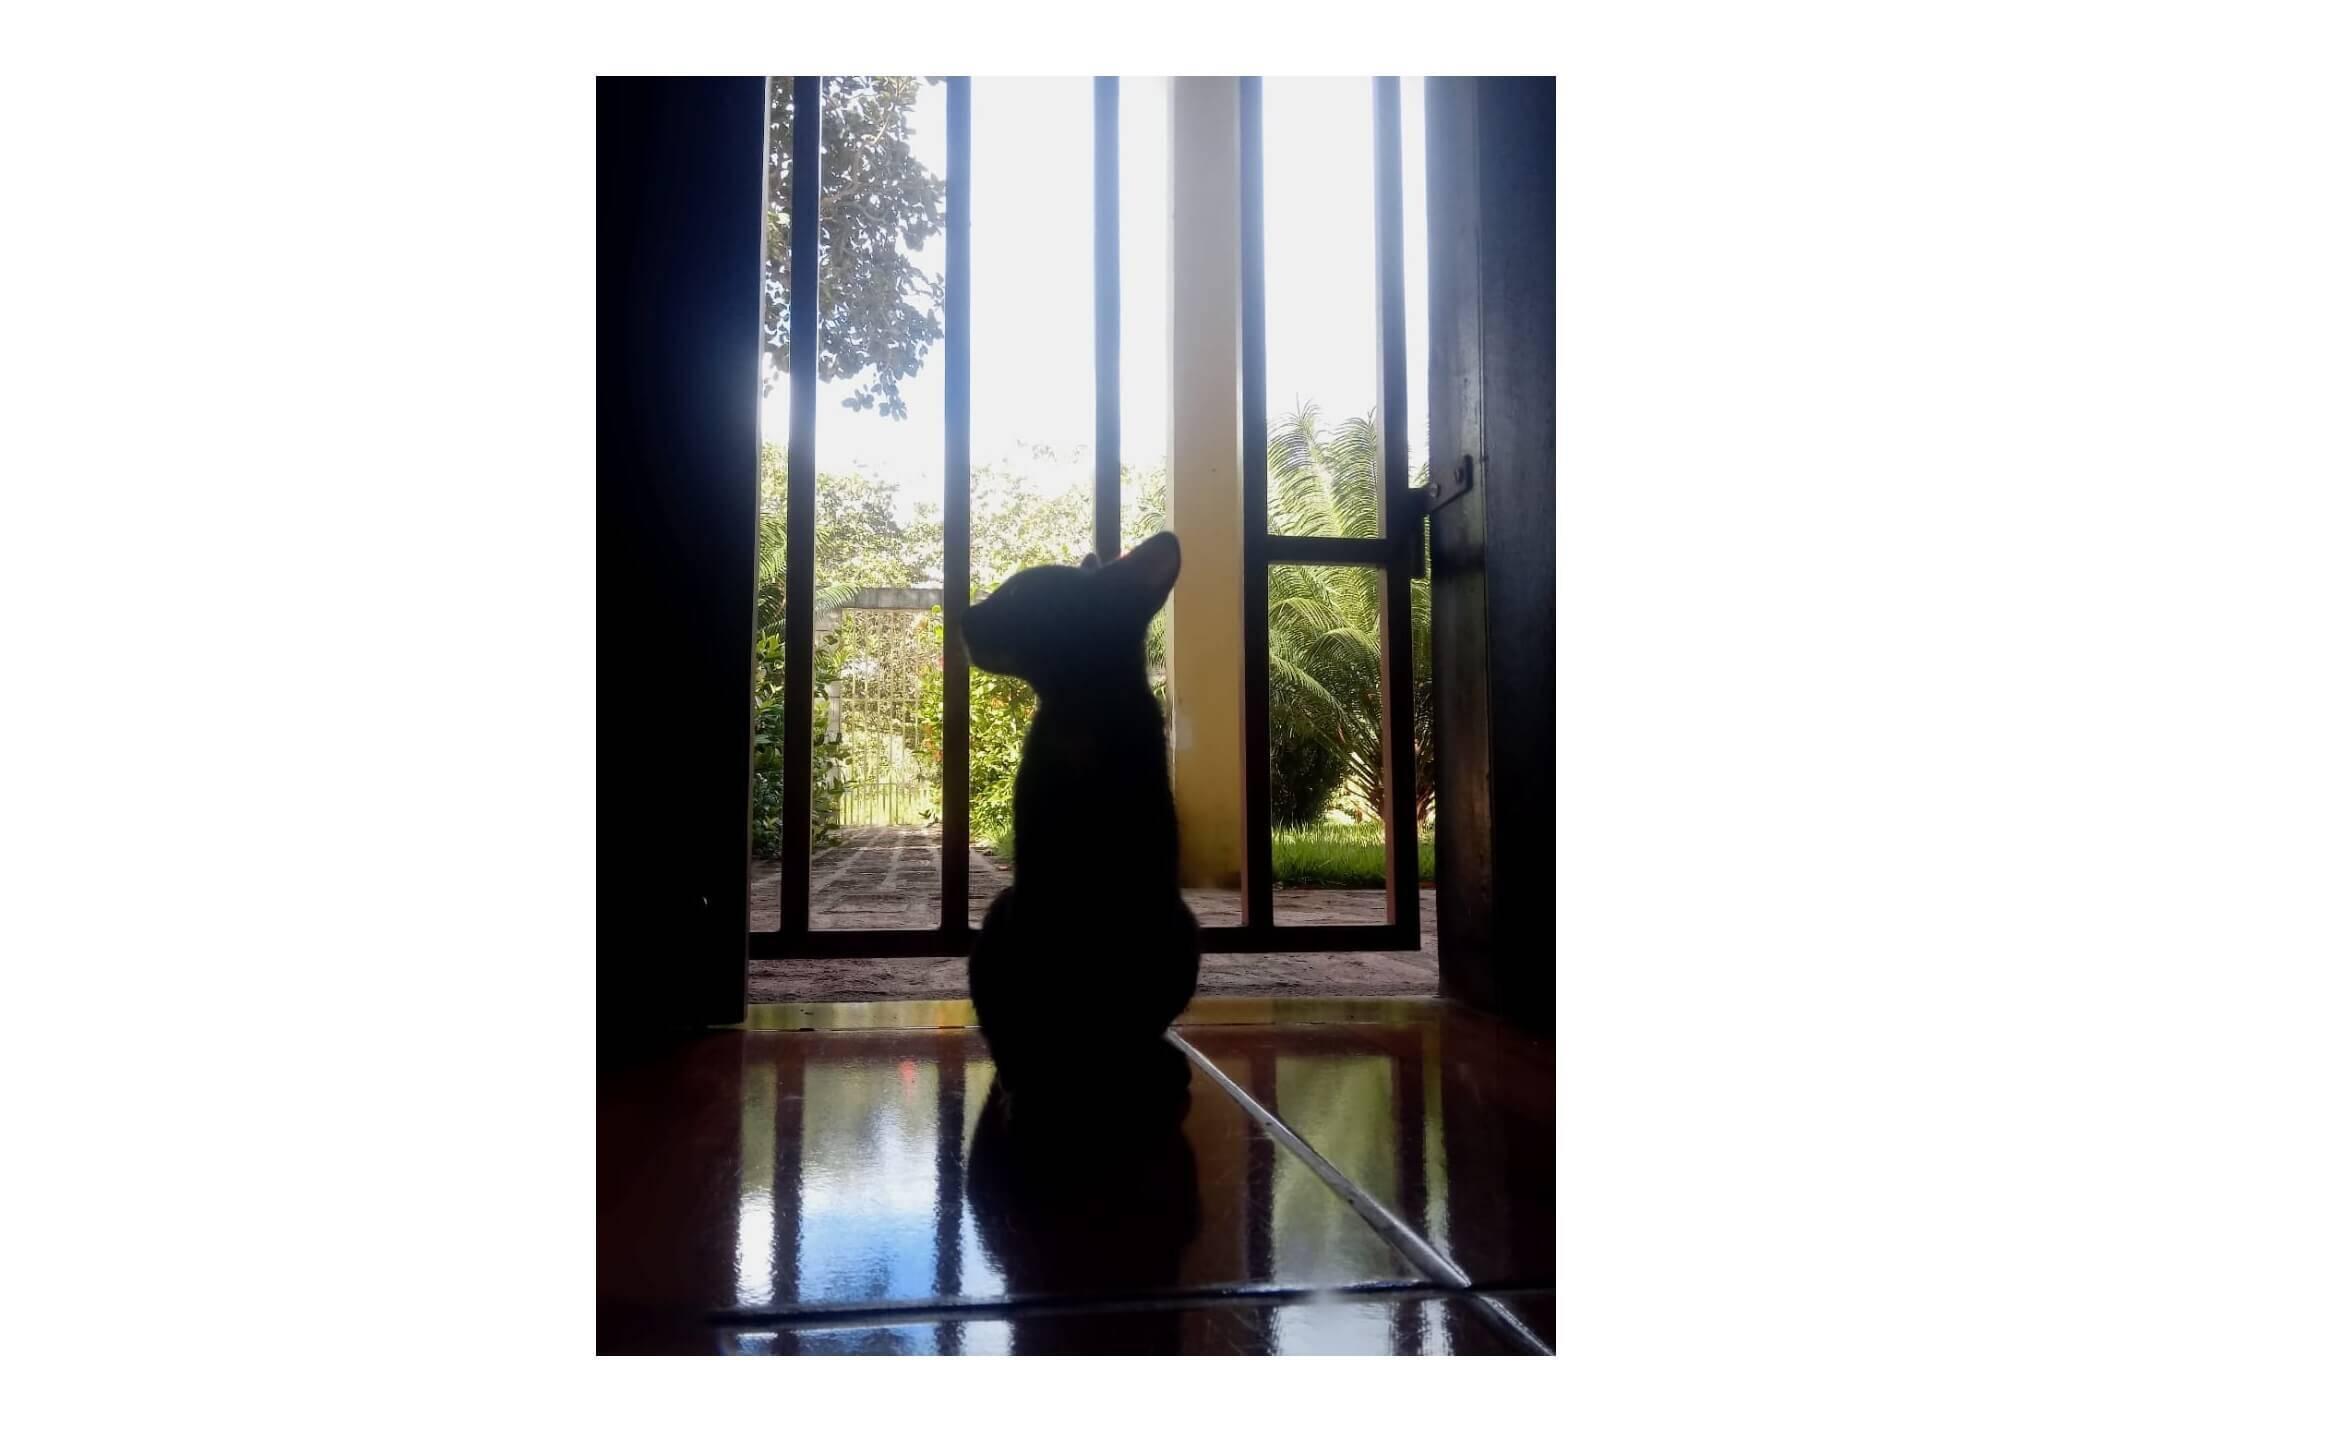 Minha gatinha olhando pro horizonte, por Gabriela Fonteles de Sousa. Foto: Gabriela Fonteles de Sousa